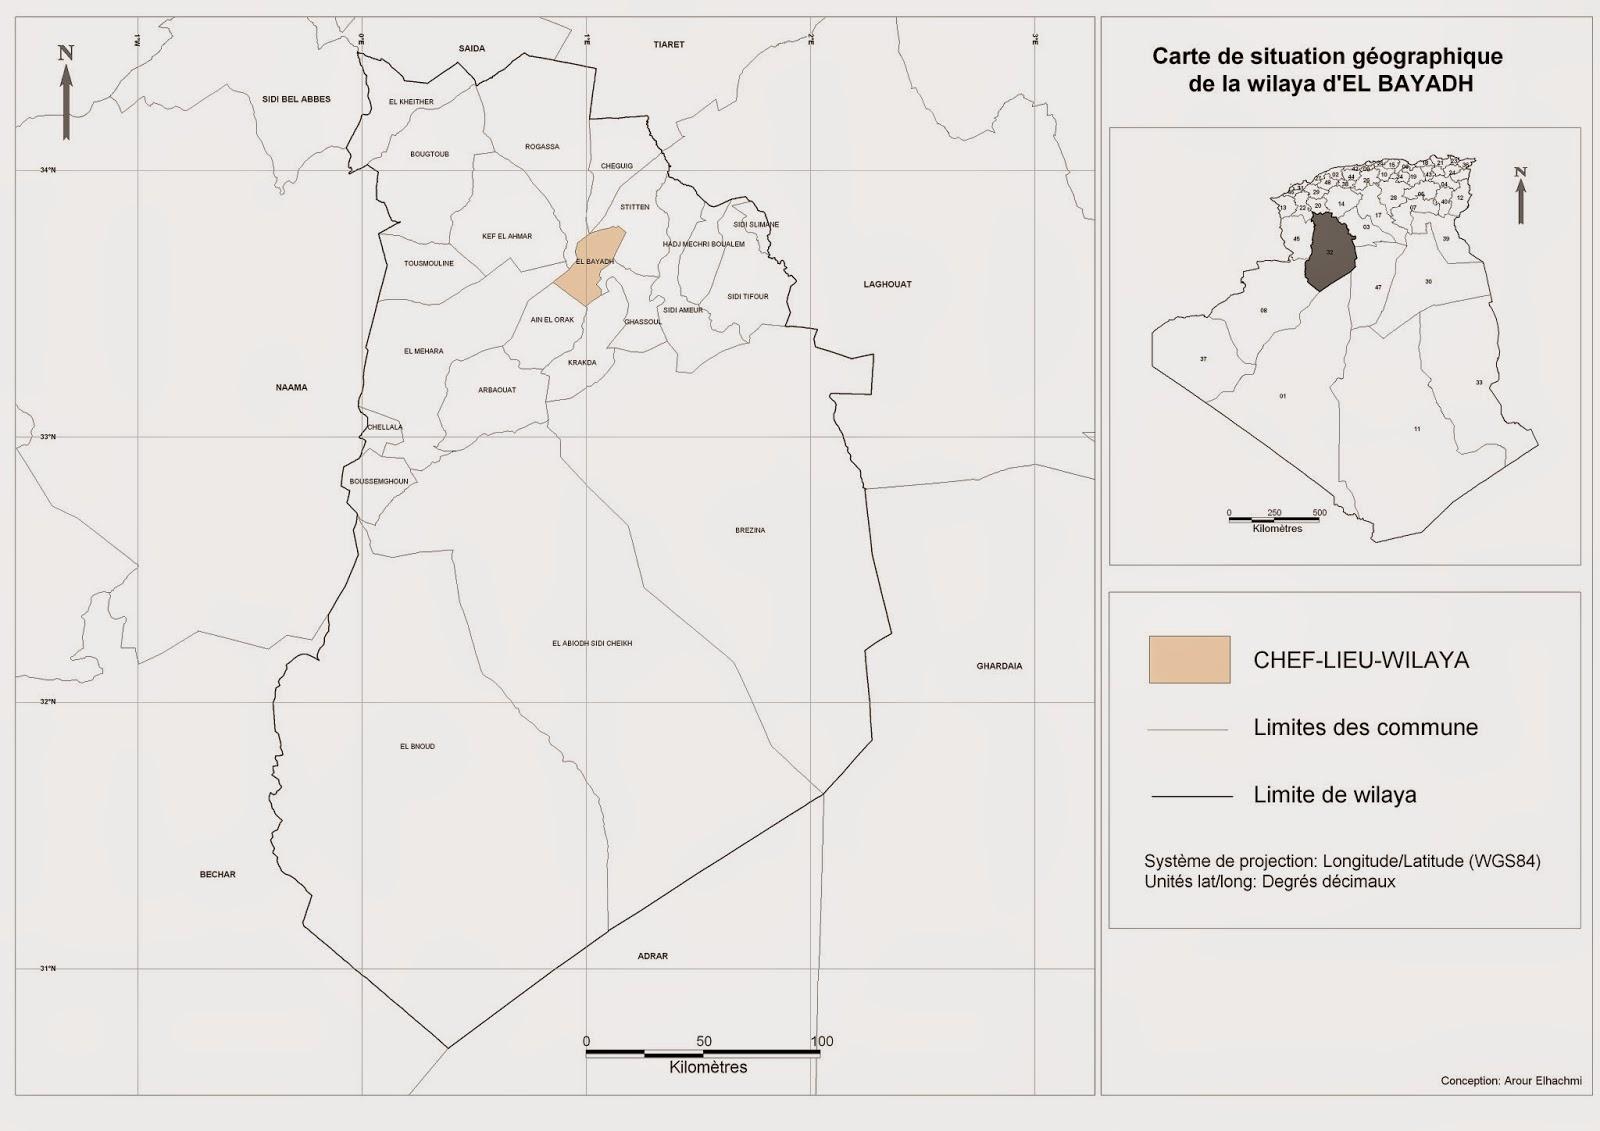 Carte Geographique De Lalgerie.Decoupage Administratif De L Algerie Monographie Carte De